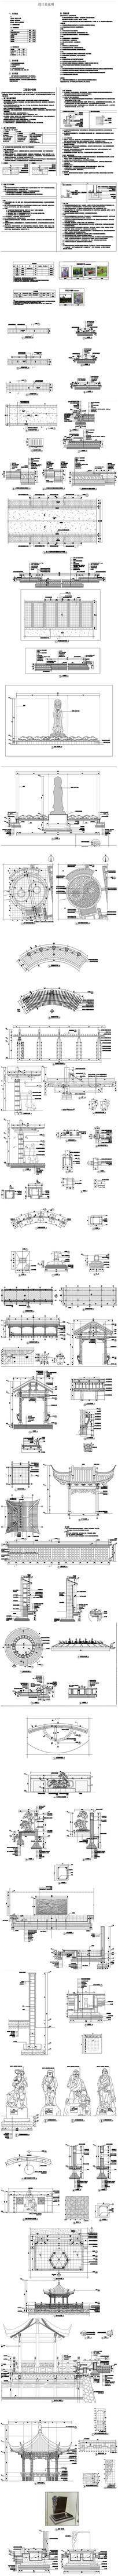 公墓陵园CAD景观各类墓葬施工图